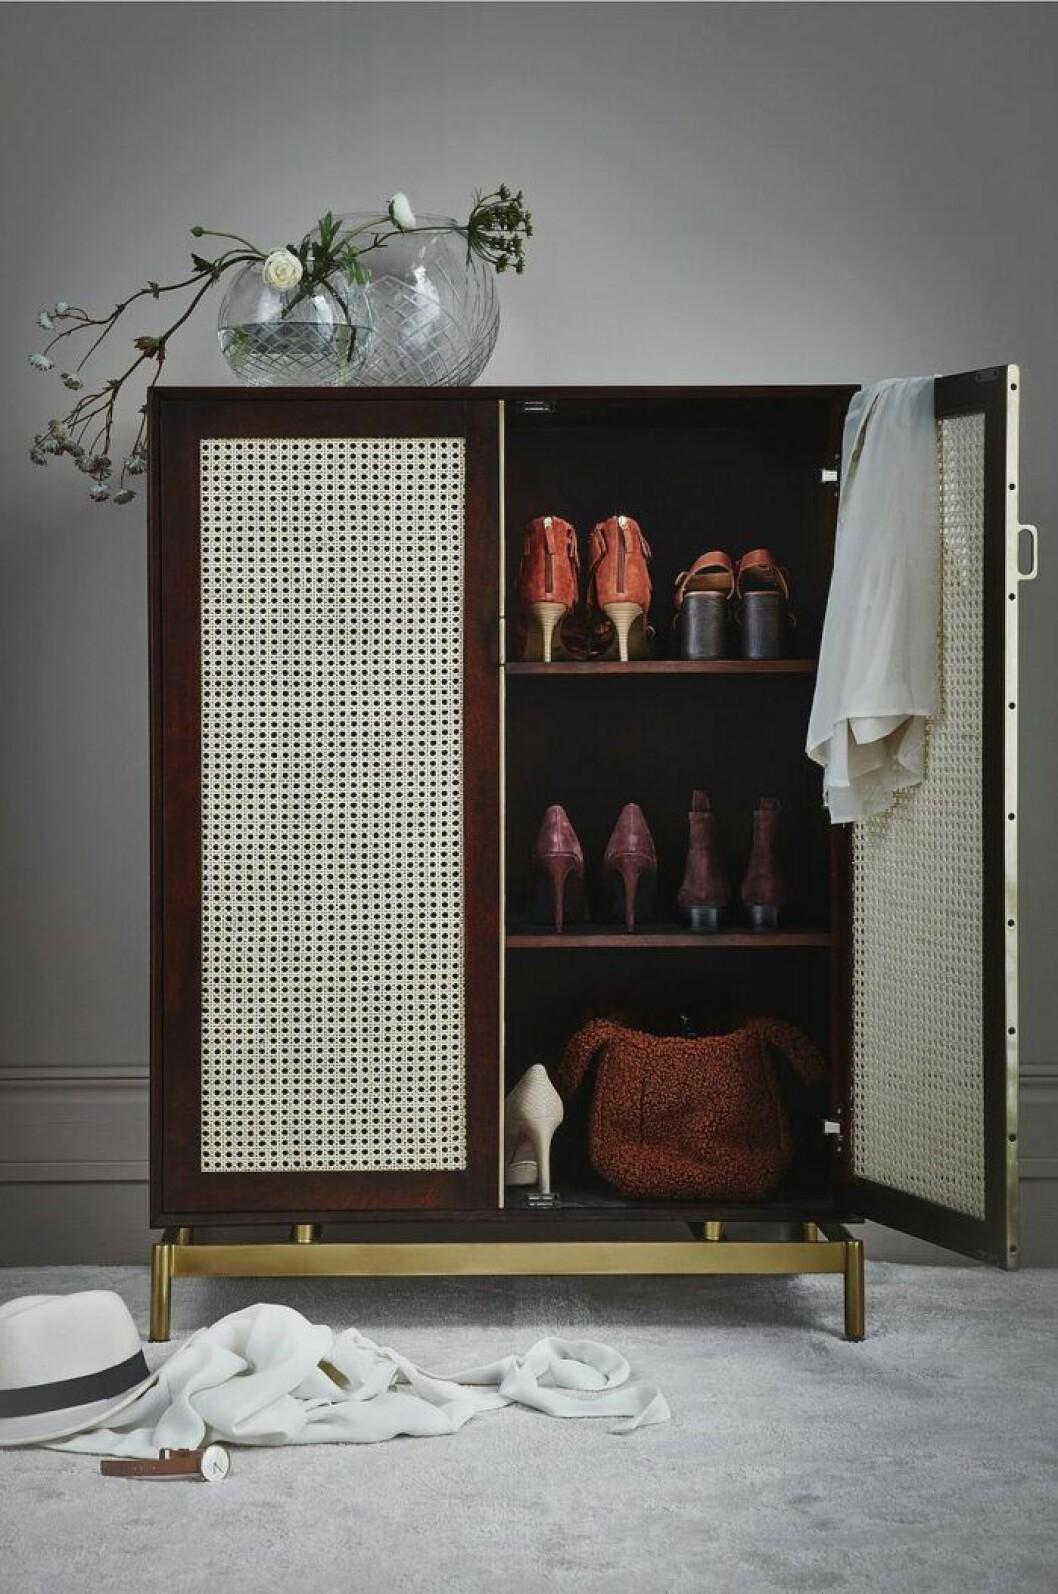 Eleganta rottingmöbler skapar hotellkänsla i sovrummet